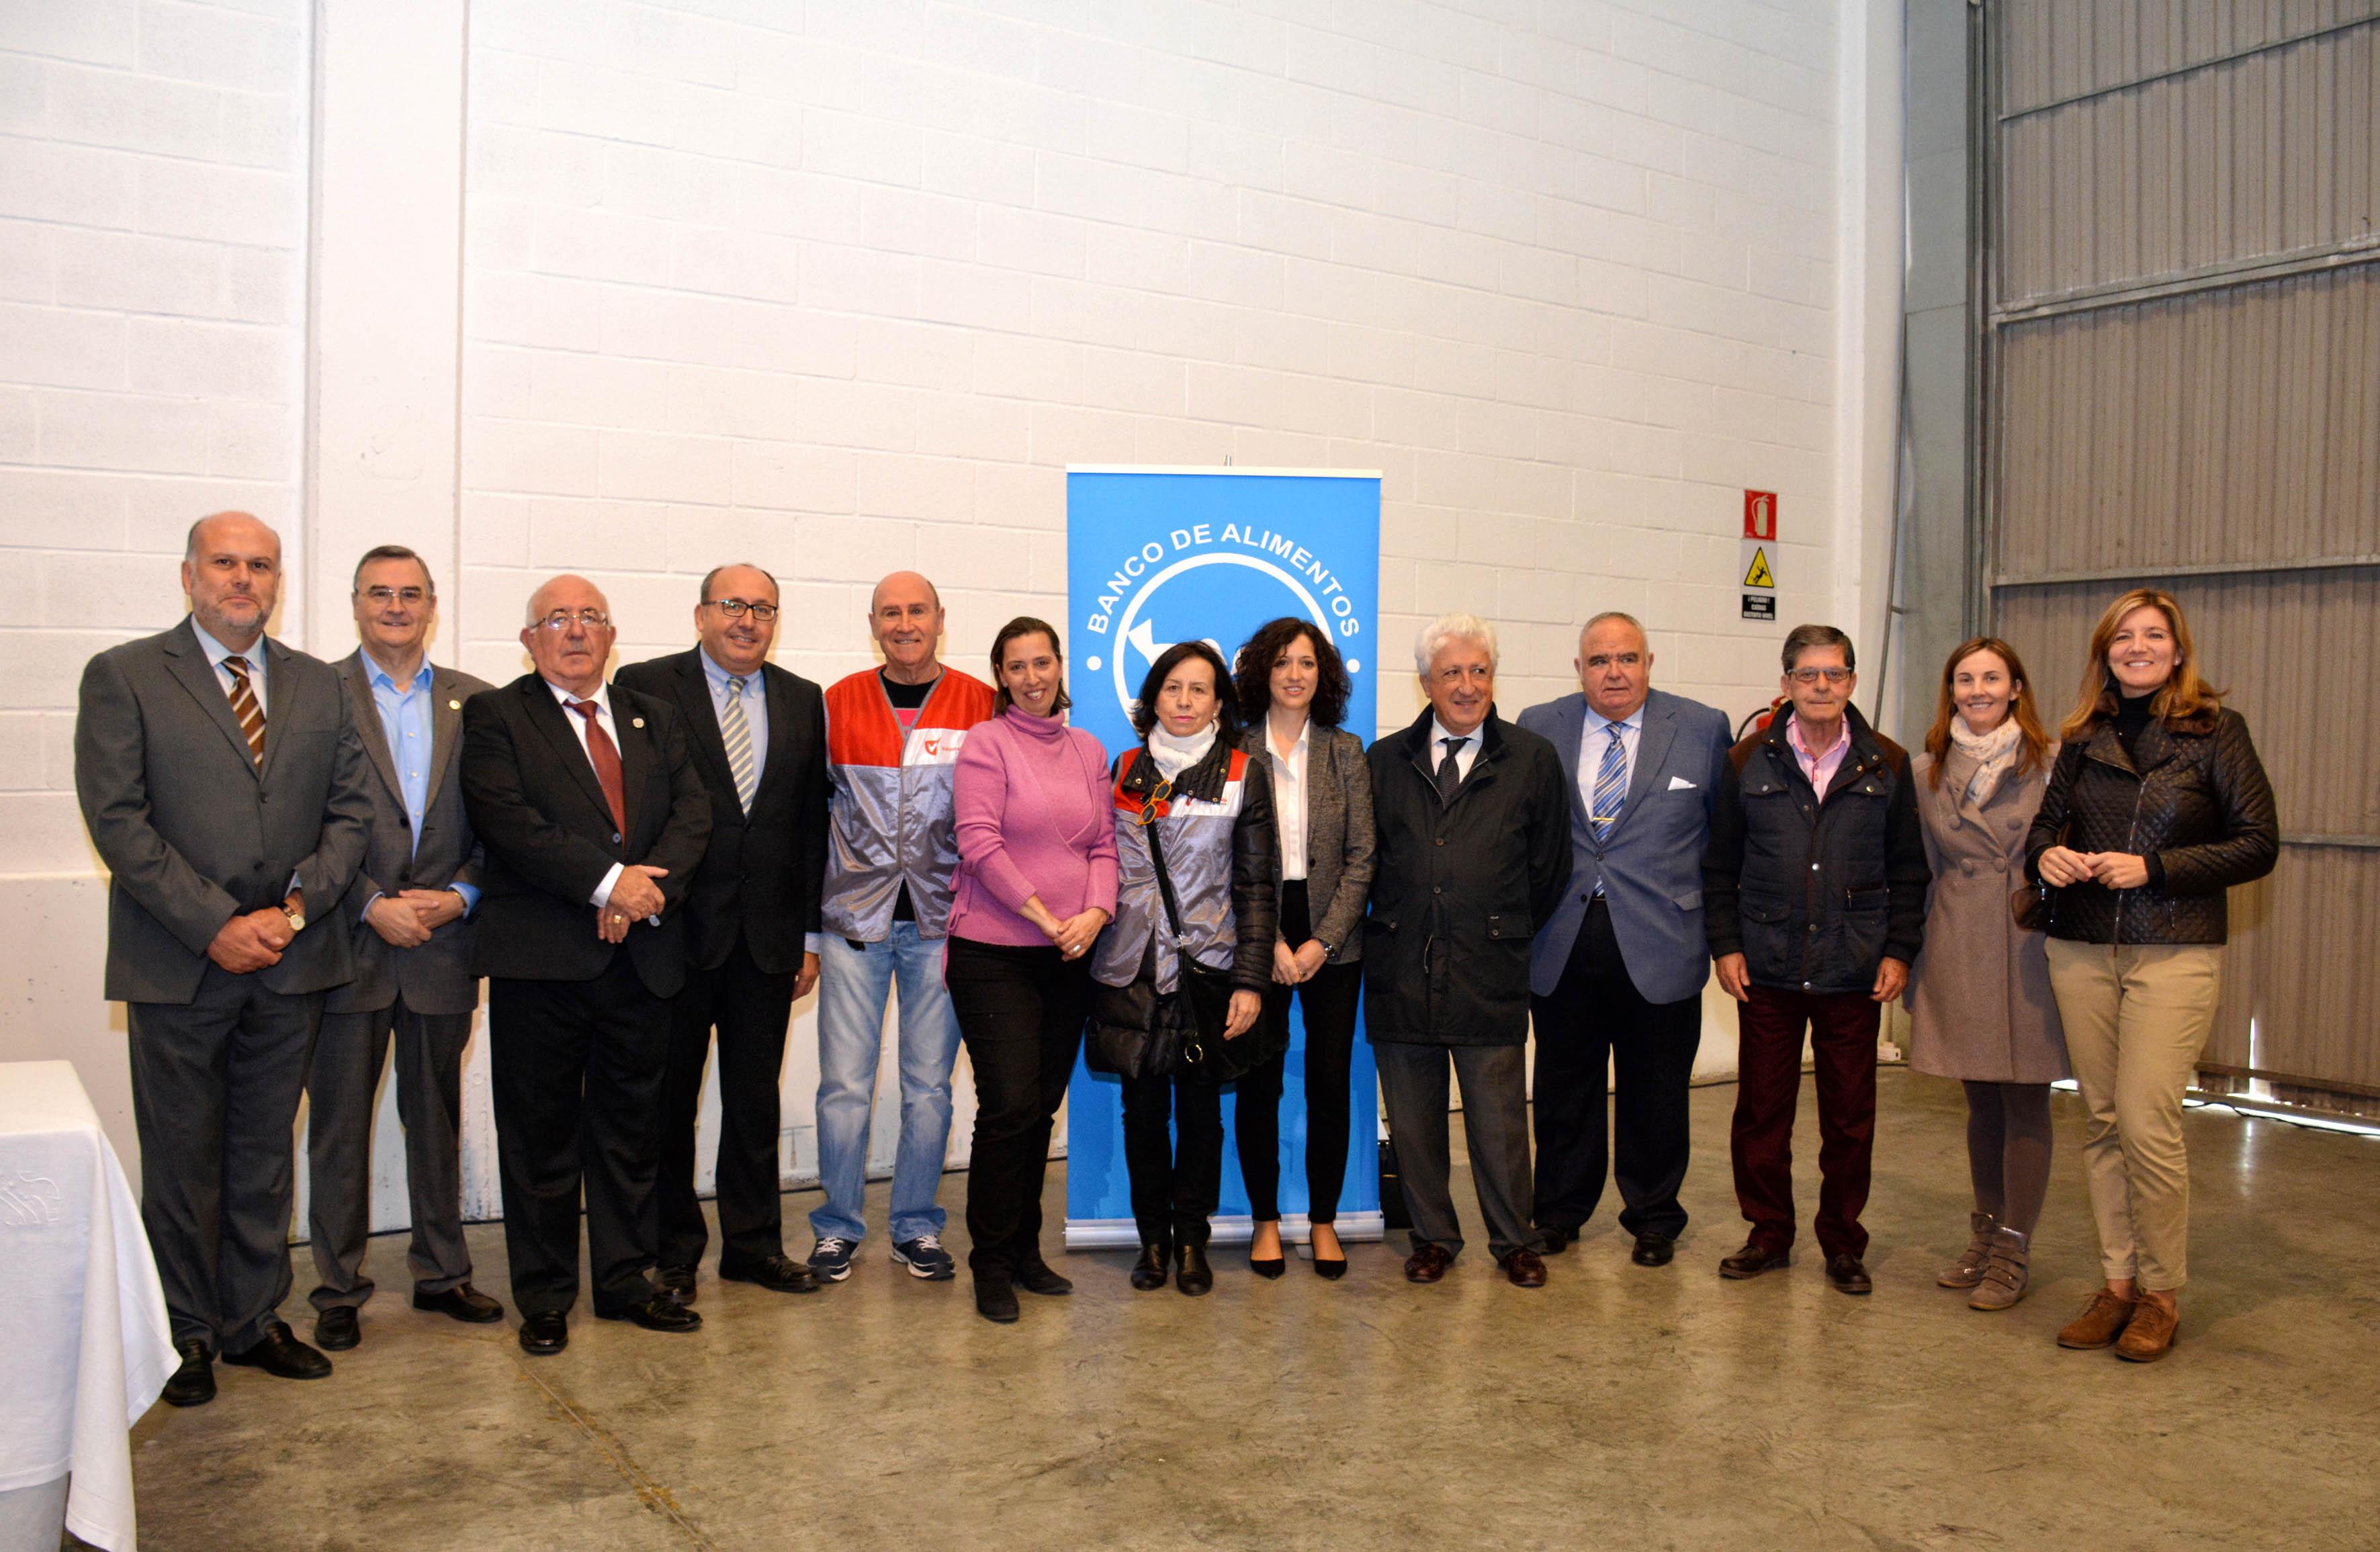 Representantes del Banco de Alimentos, autoridades y premiados